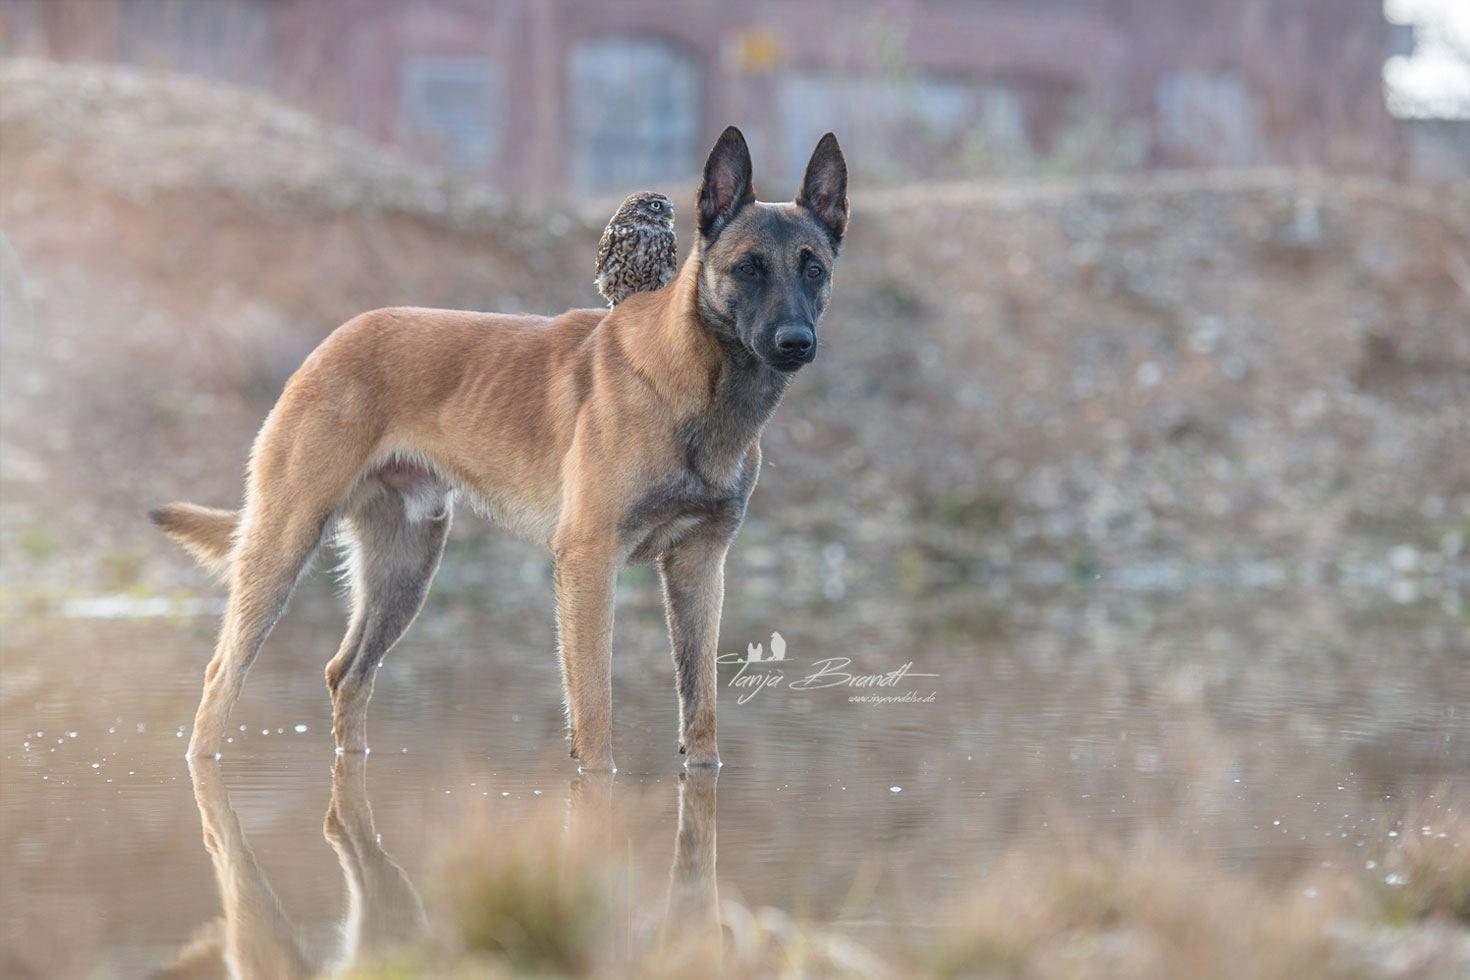 Romeo und Juliet, Bonny und Clyde und Brangelina können einpacken: Das neue Traumpaar heißt 'Ingo und Poldi' - ein Hund und eine Eule.